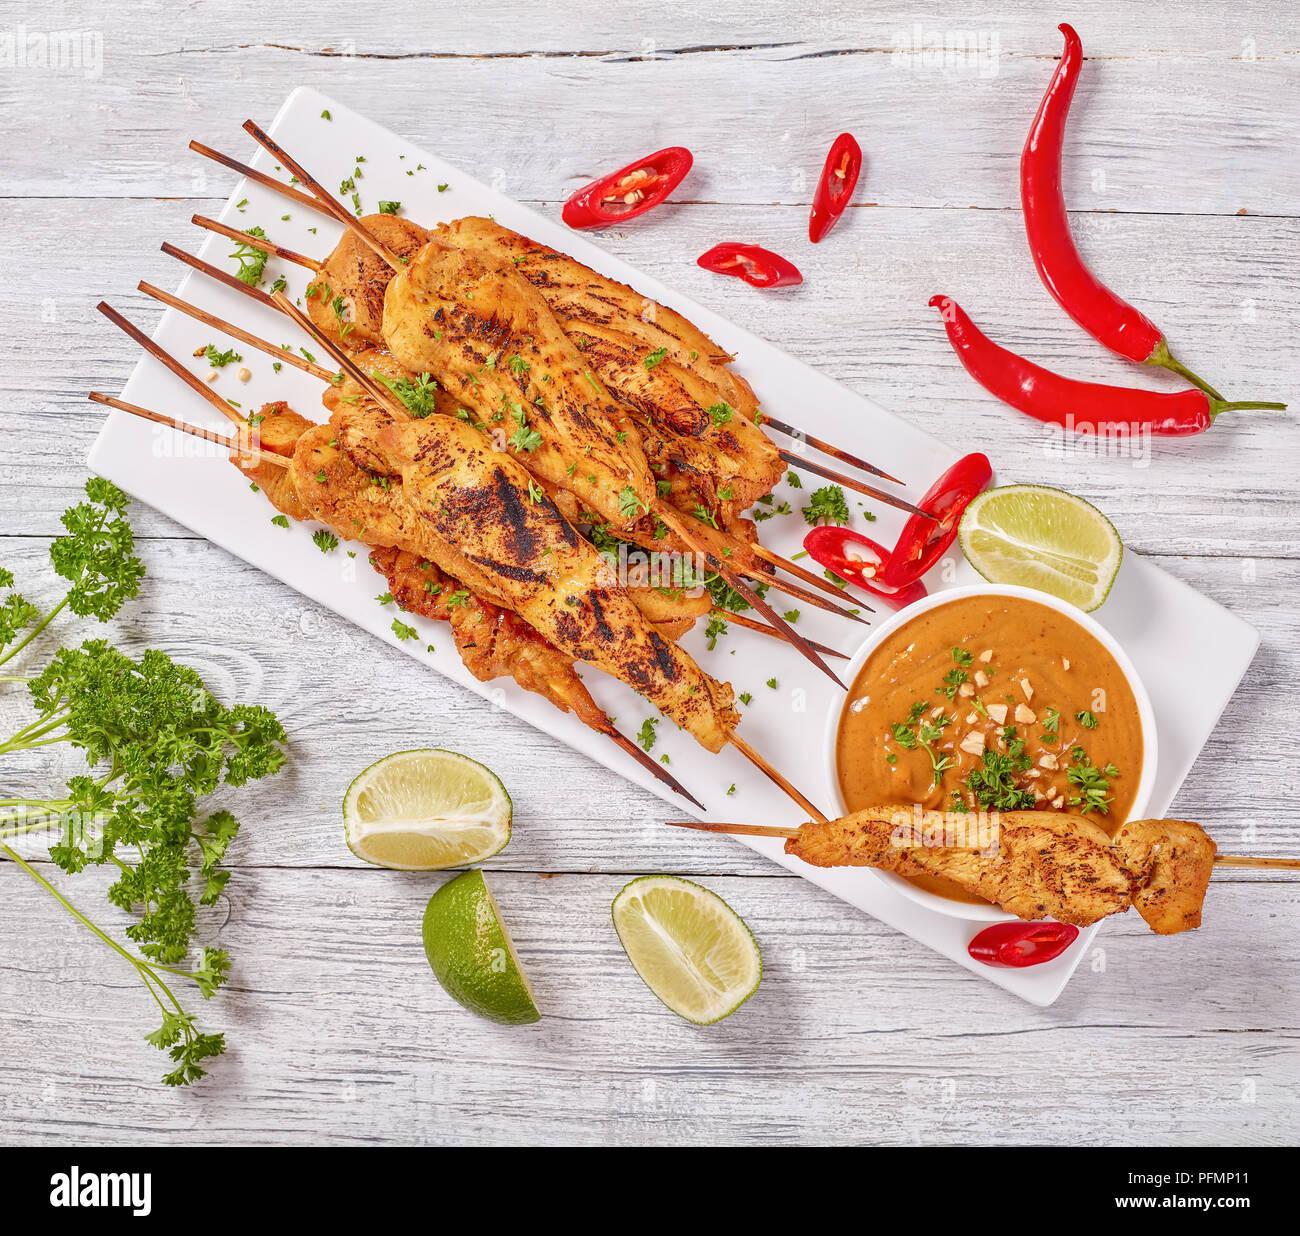 Satay de pollo en brochetas espolvoreado con perejil finamente picado sobre una placa rectangular blanco con salsa de cacahuete. red chili peppers, rodajas de limón y pars Foto de stock